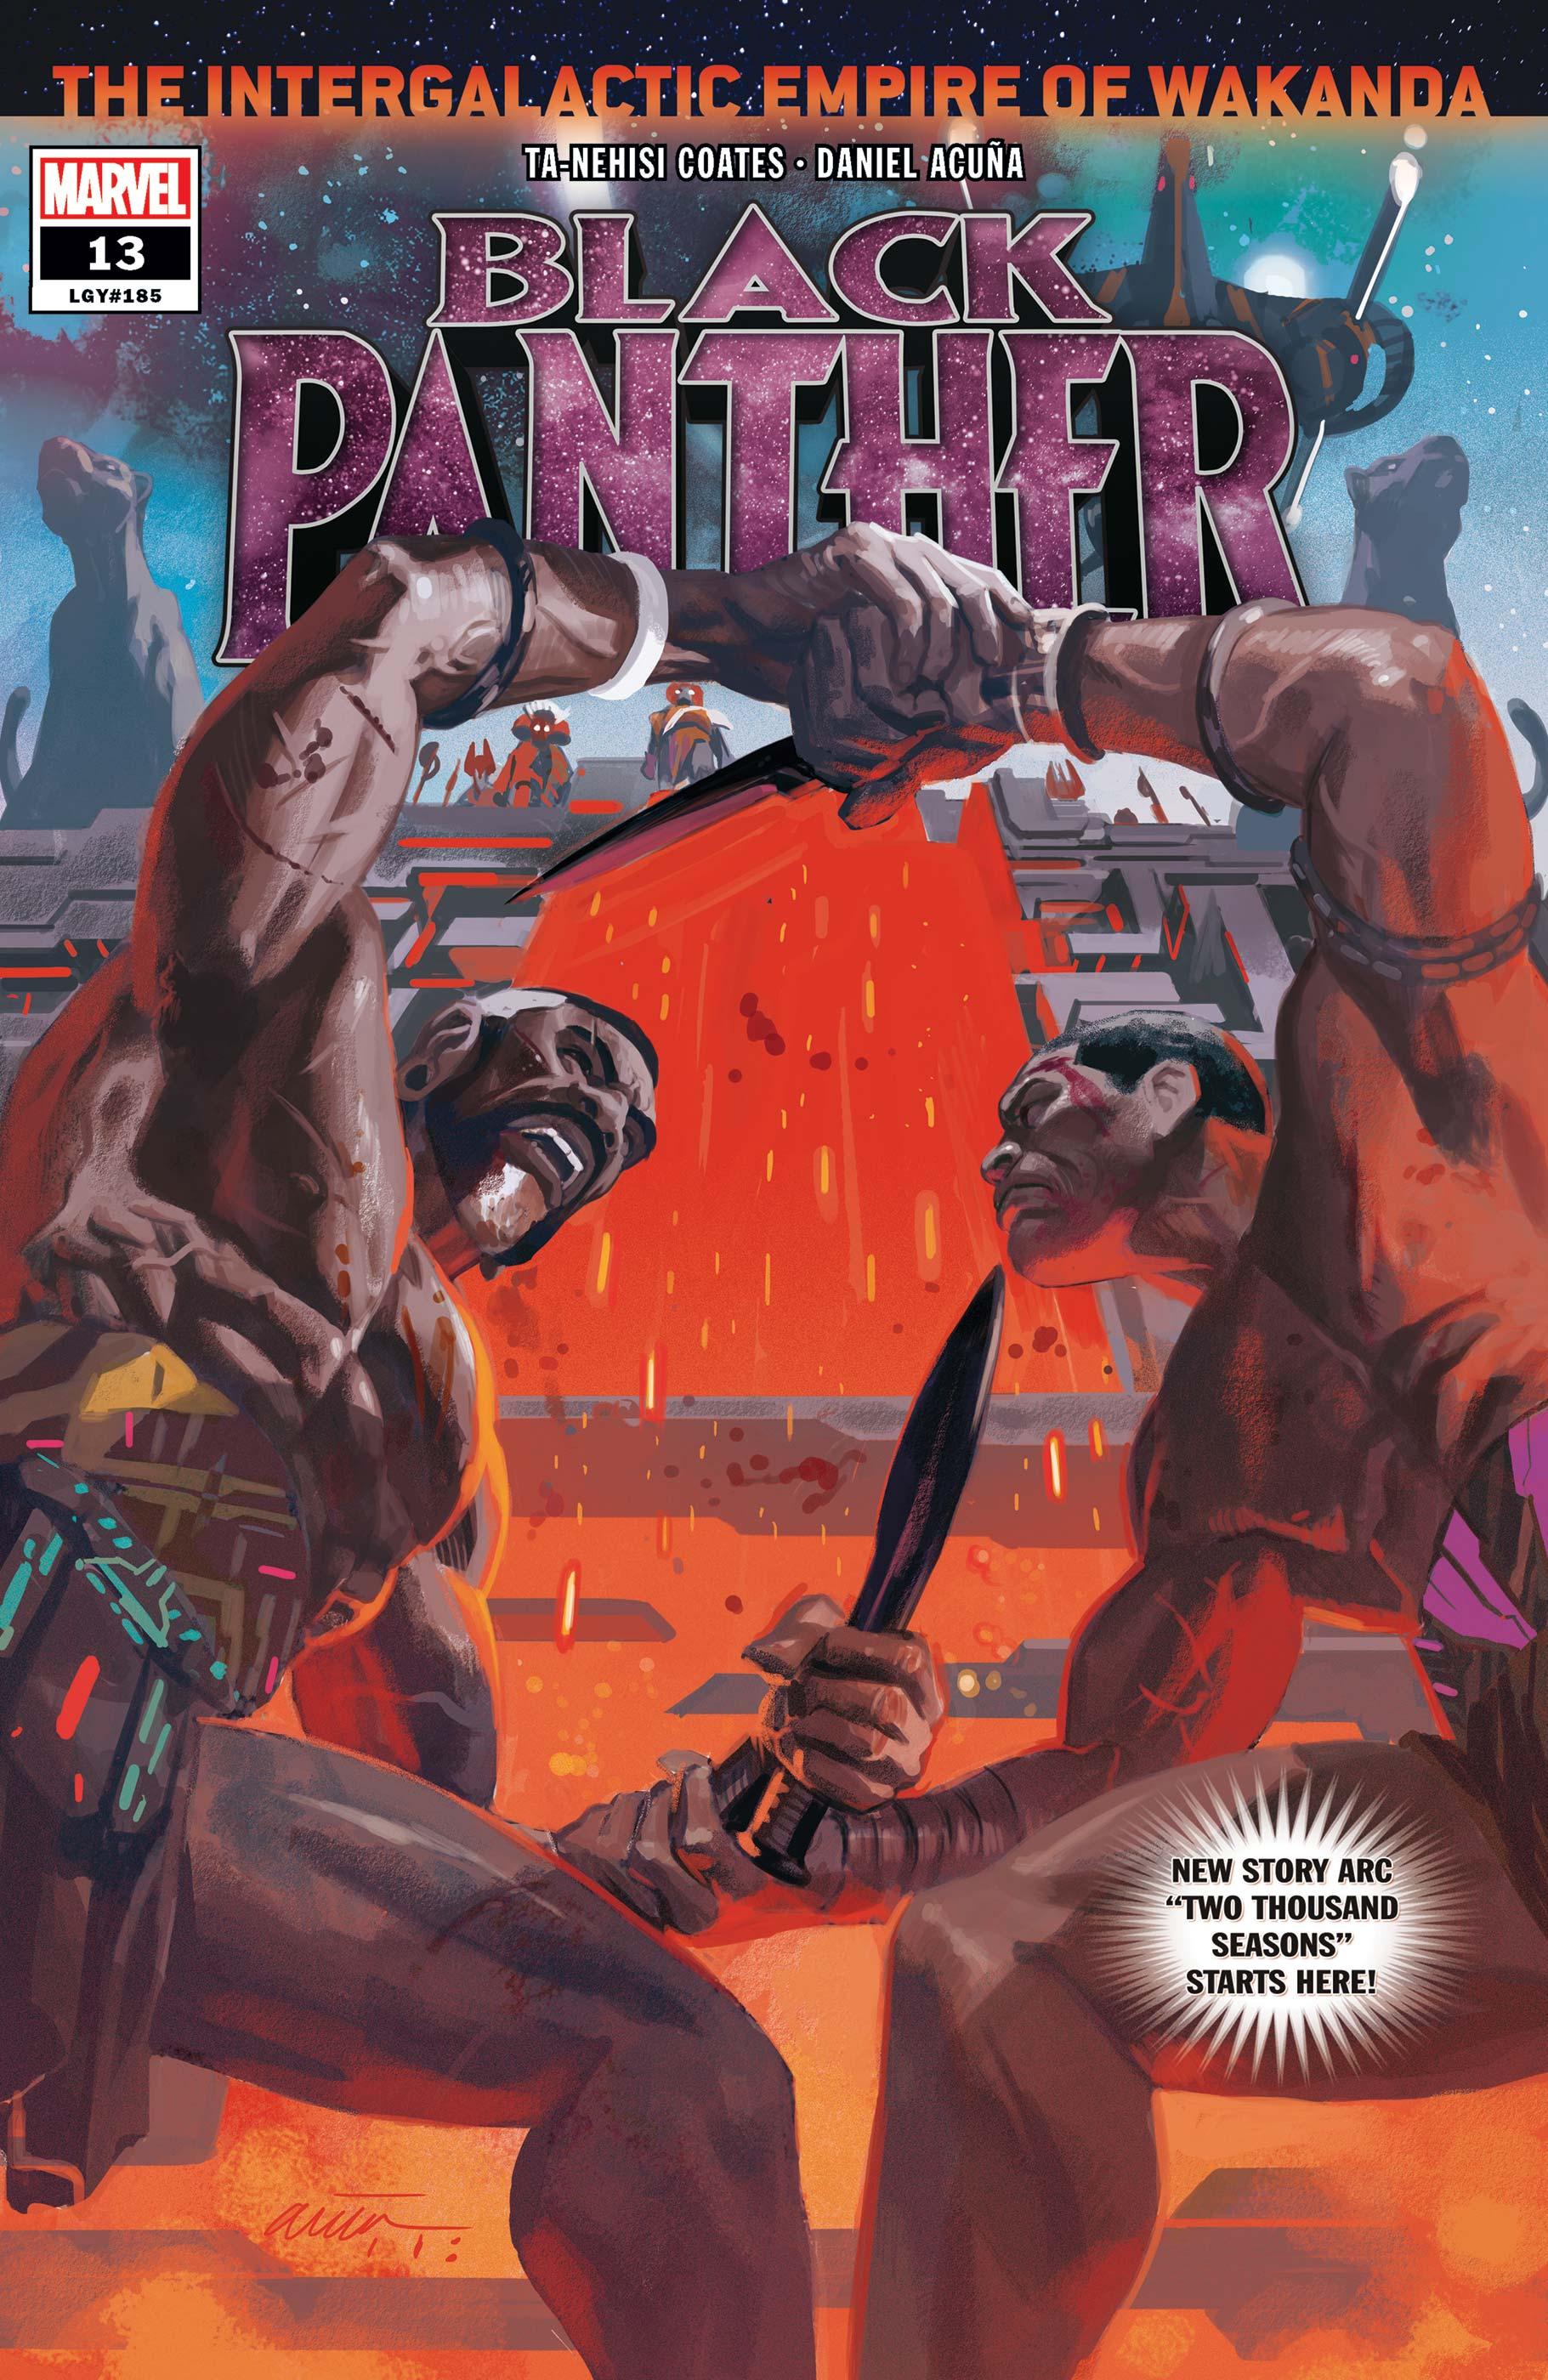 Black Panther (2018) #13